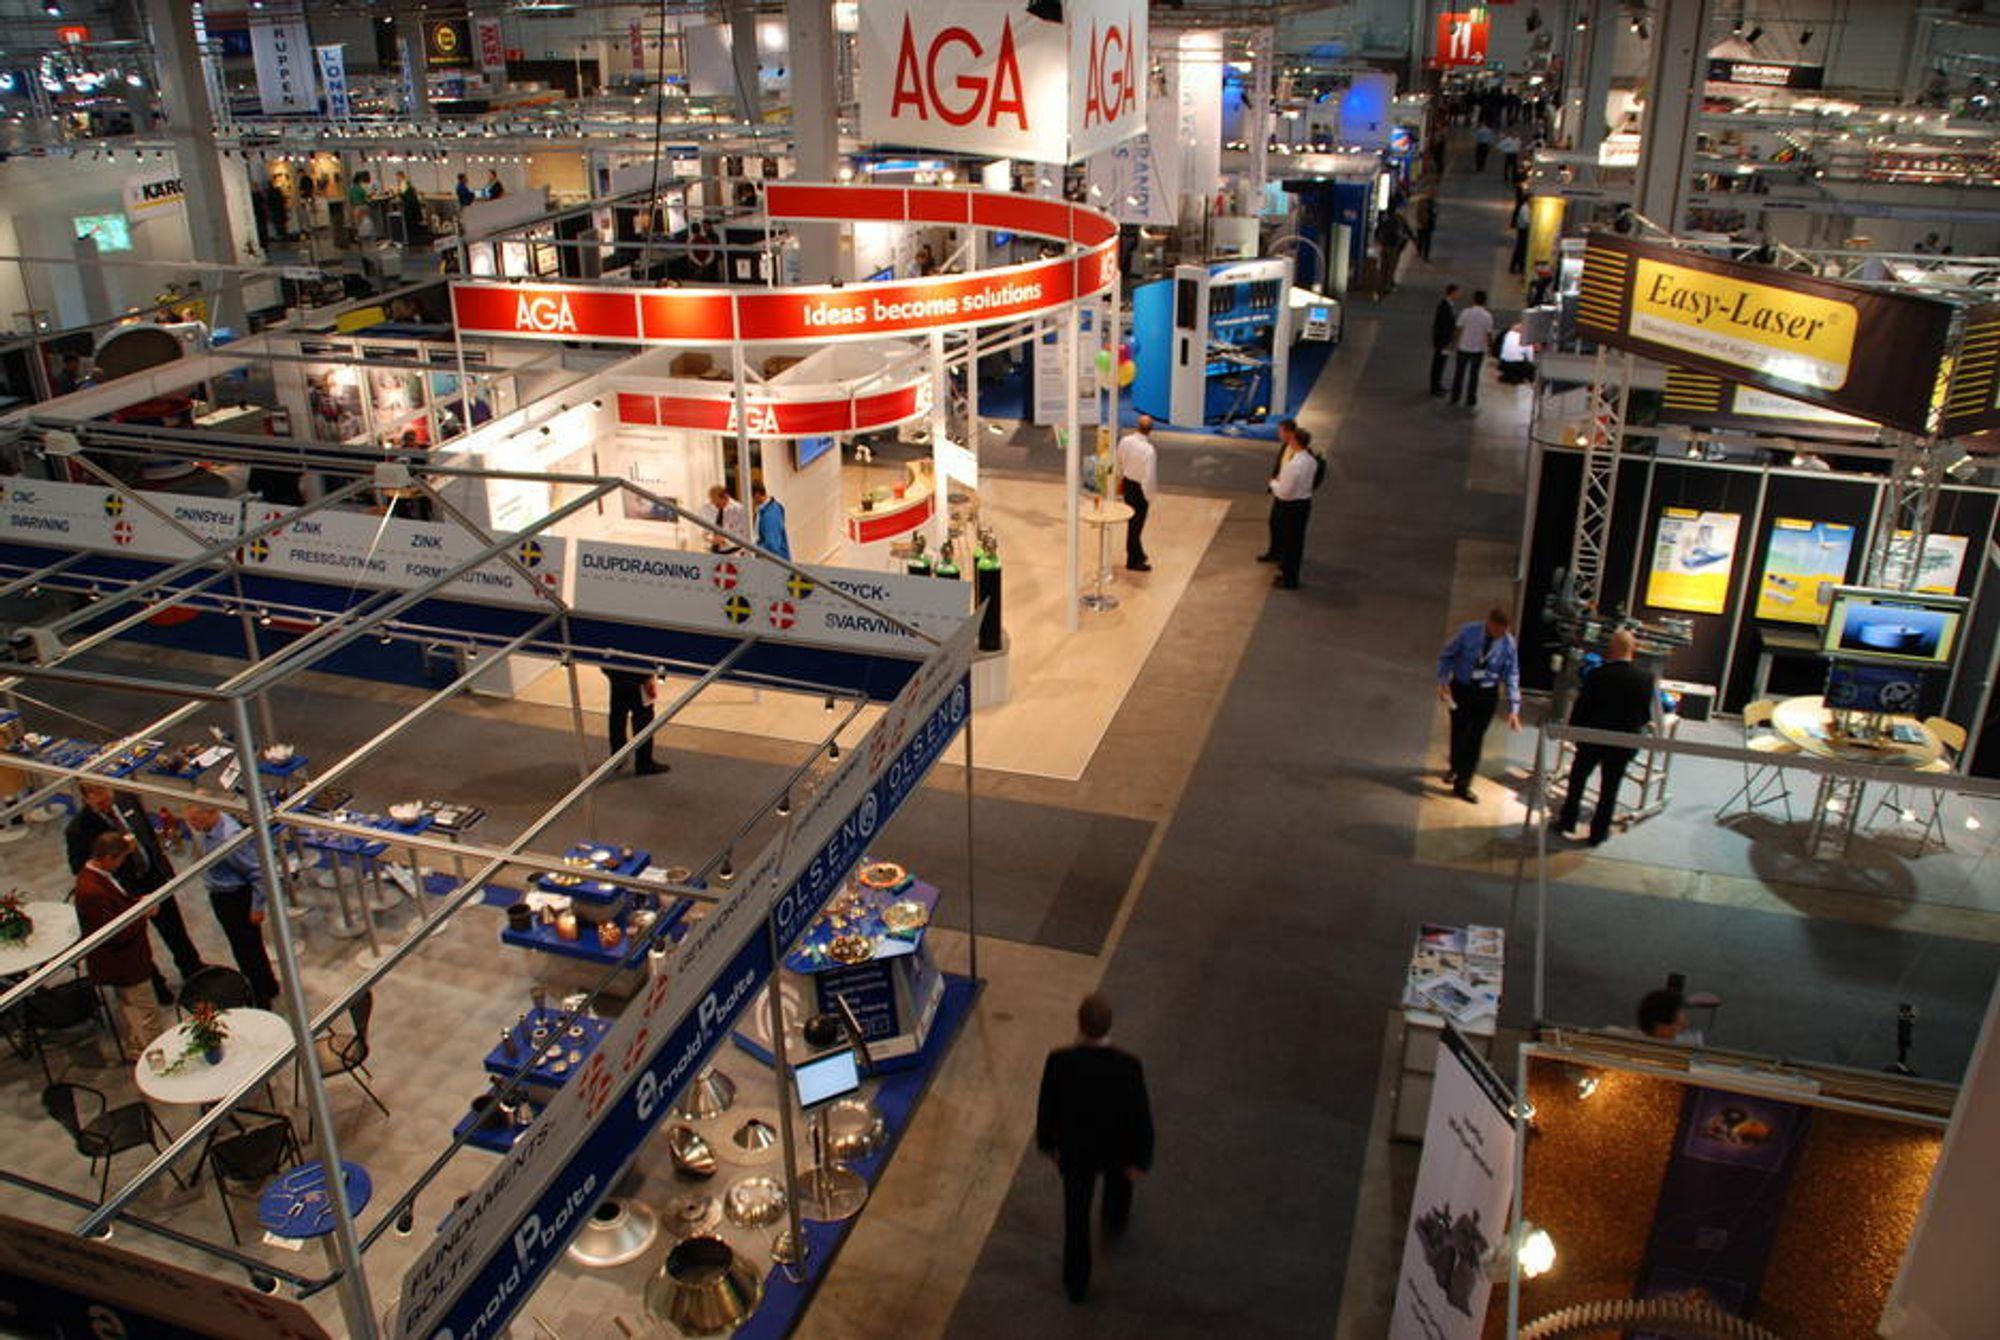 Utstillerne stod klare til å fortelle om sine produkter når Industridagene åpnet.